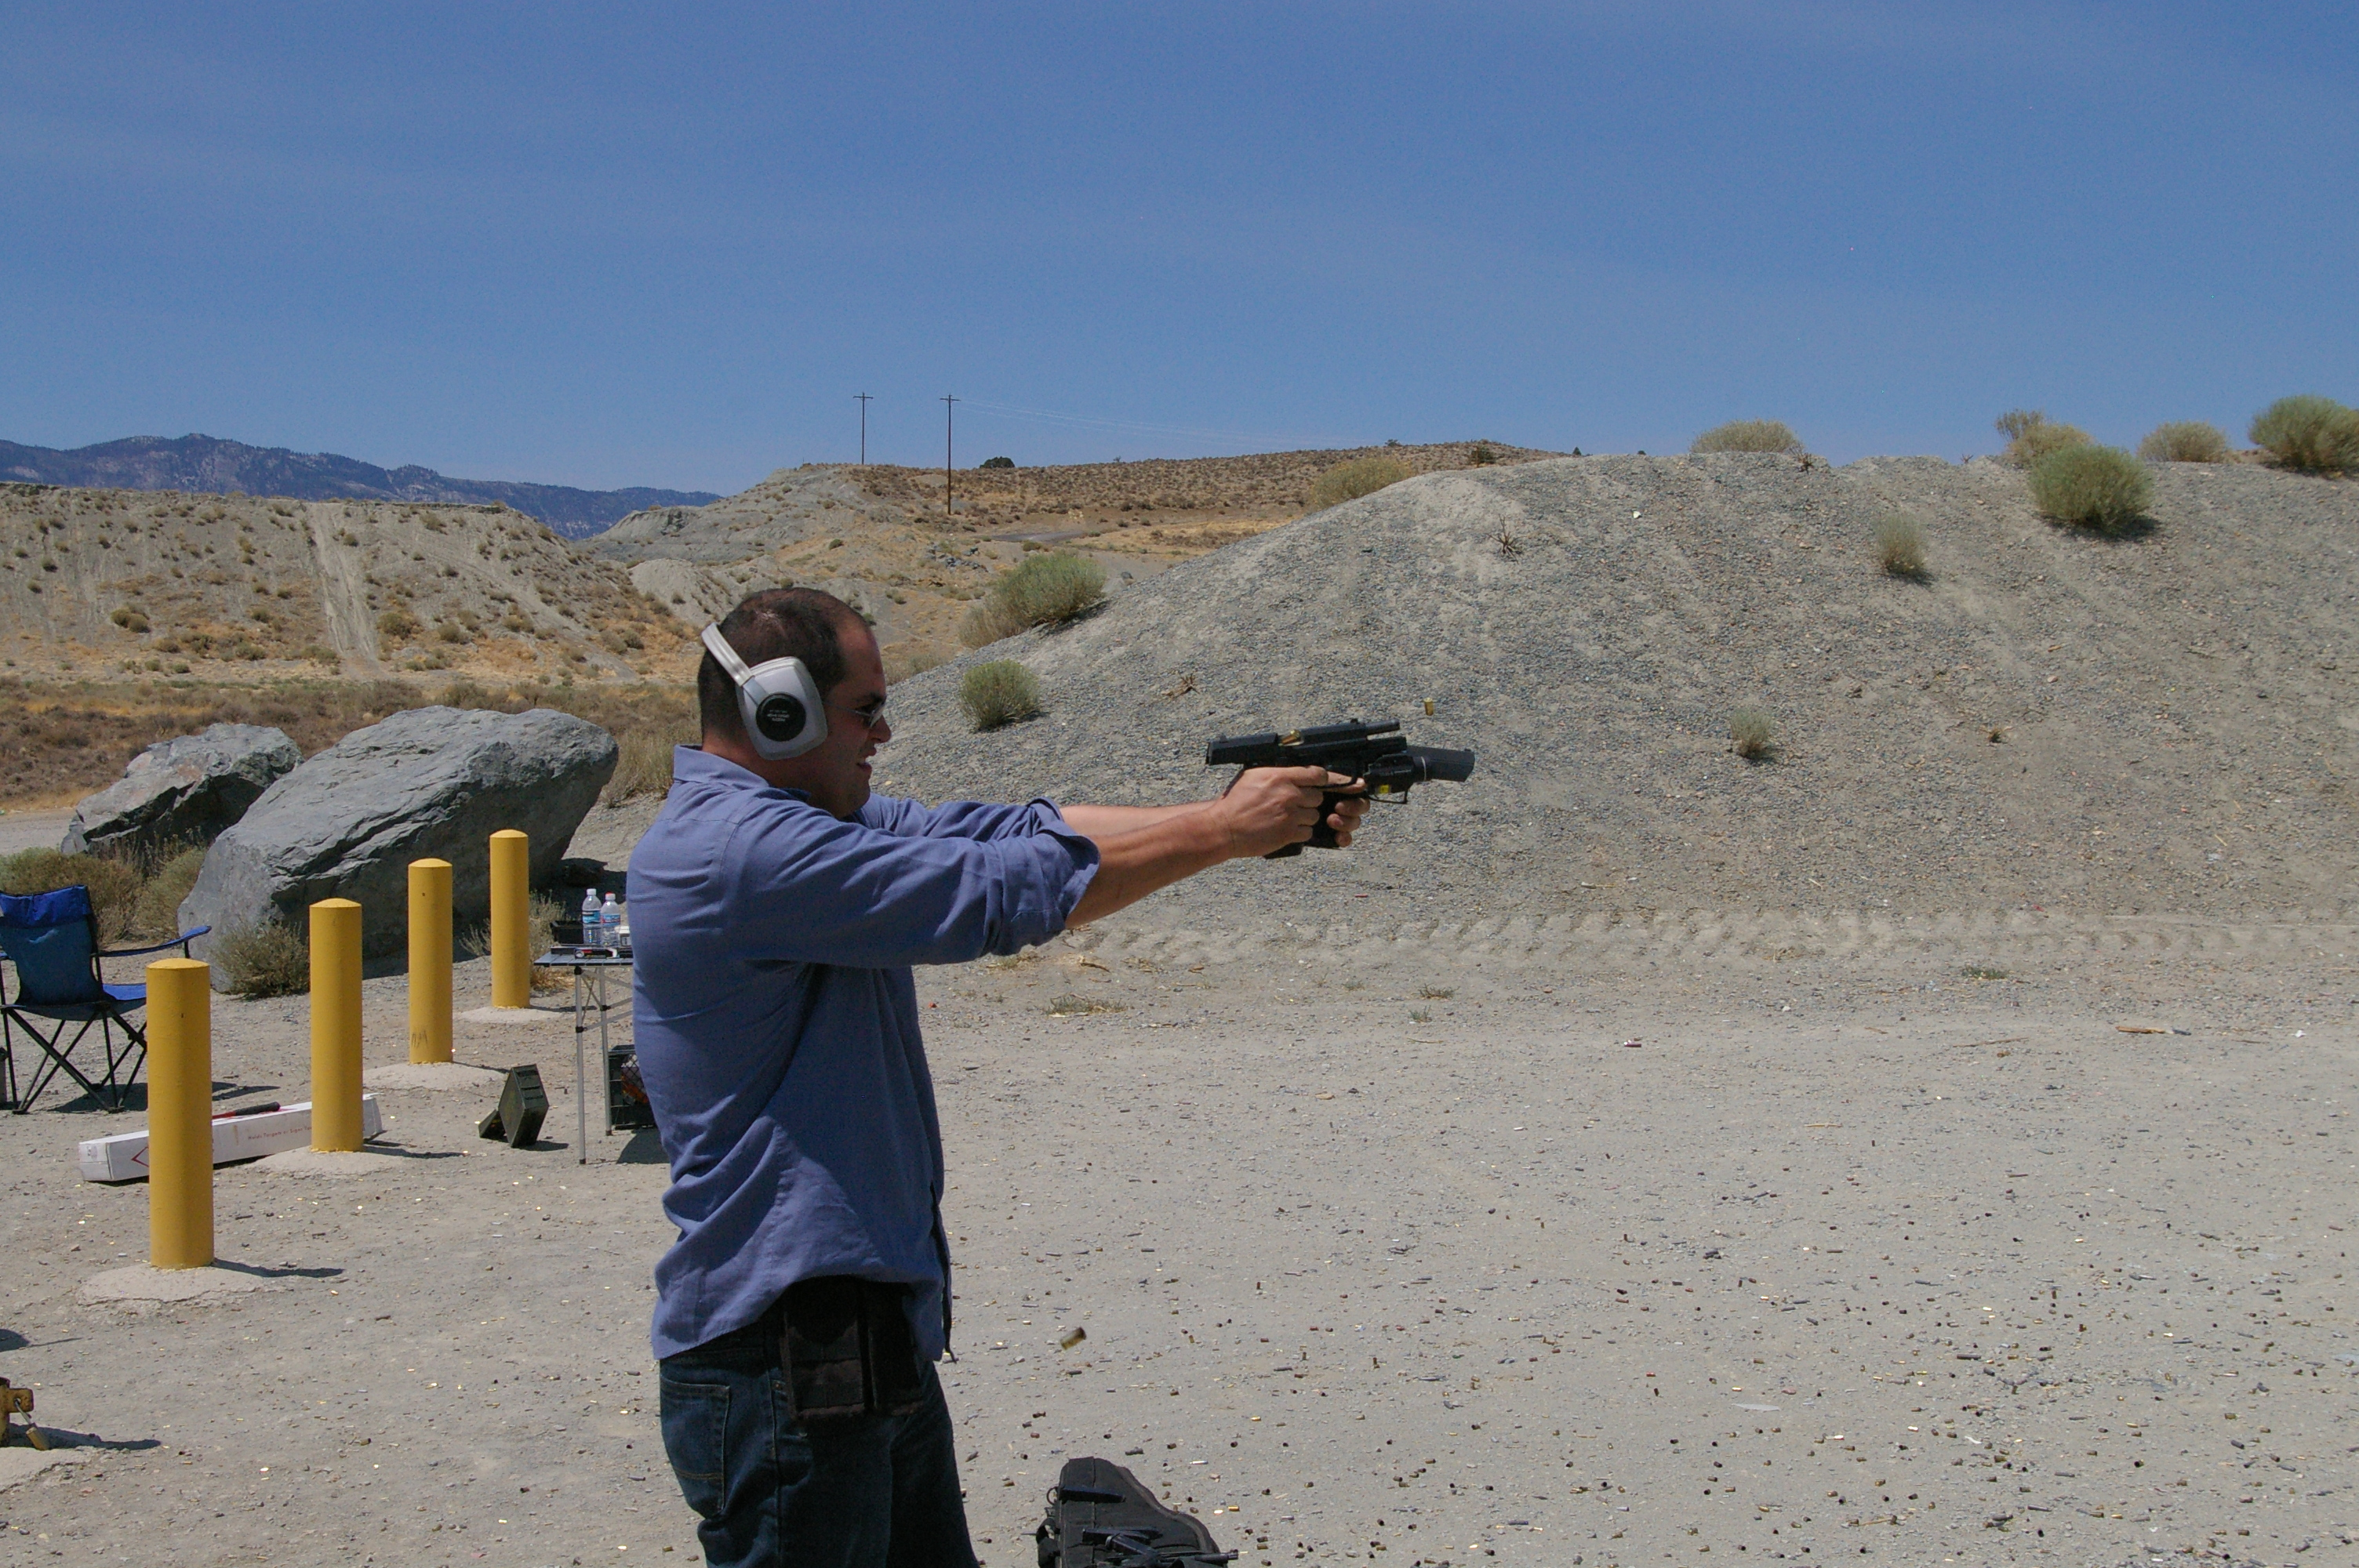 pistol on rent